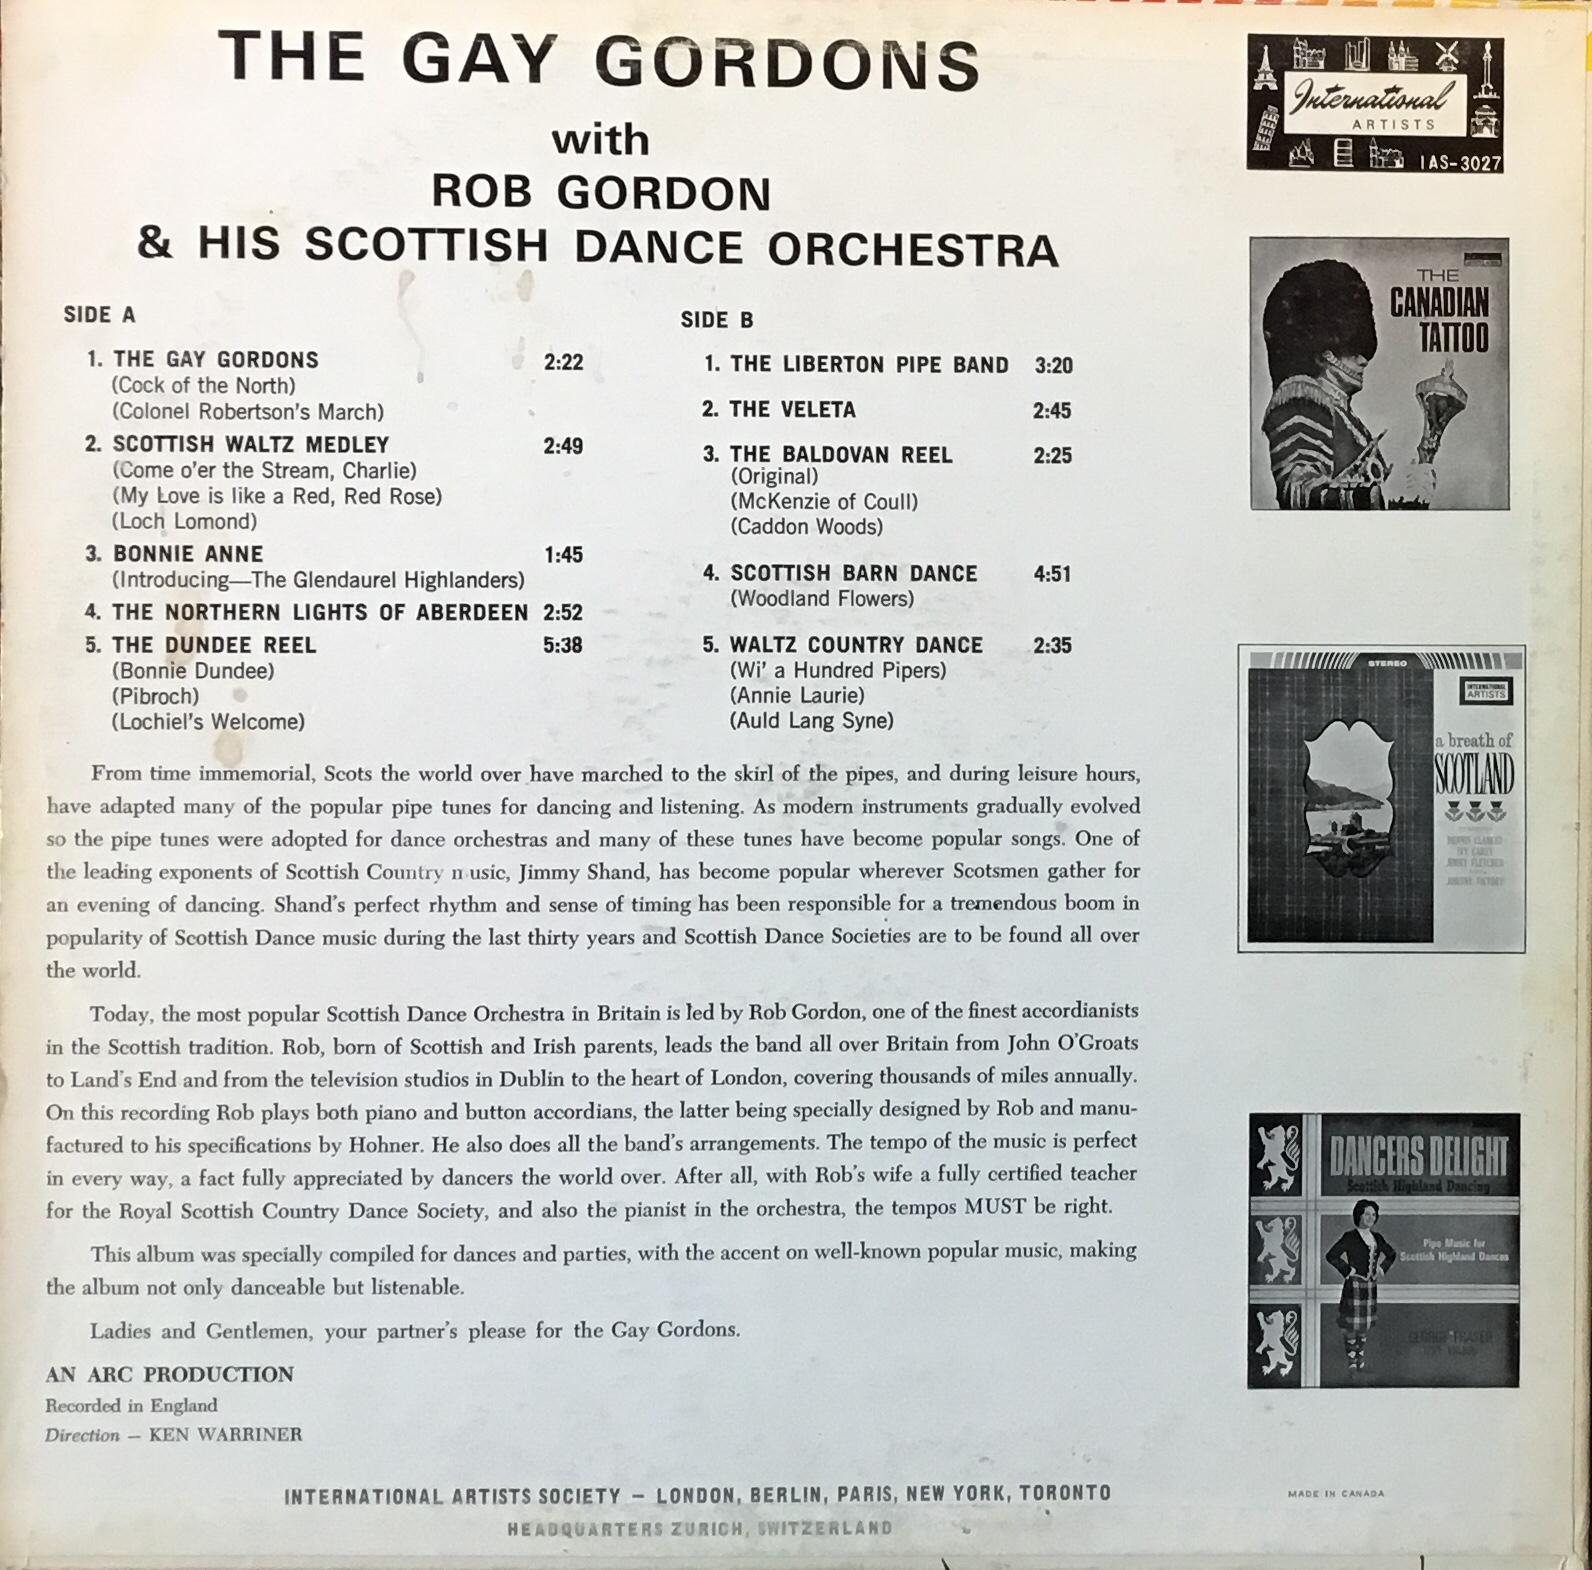 RGordon_TheGayGordonsBack